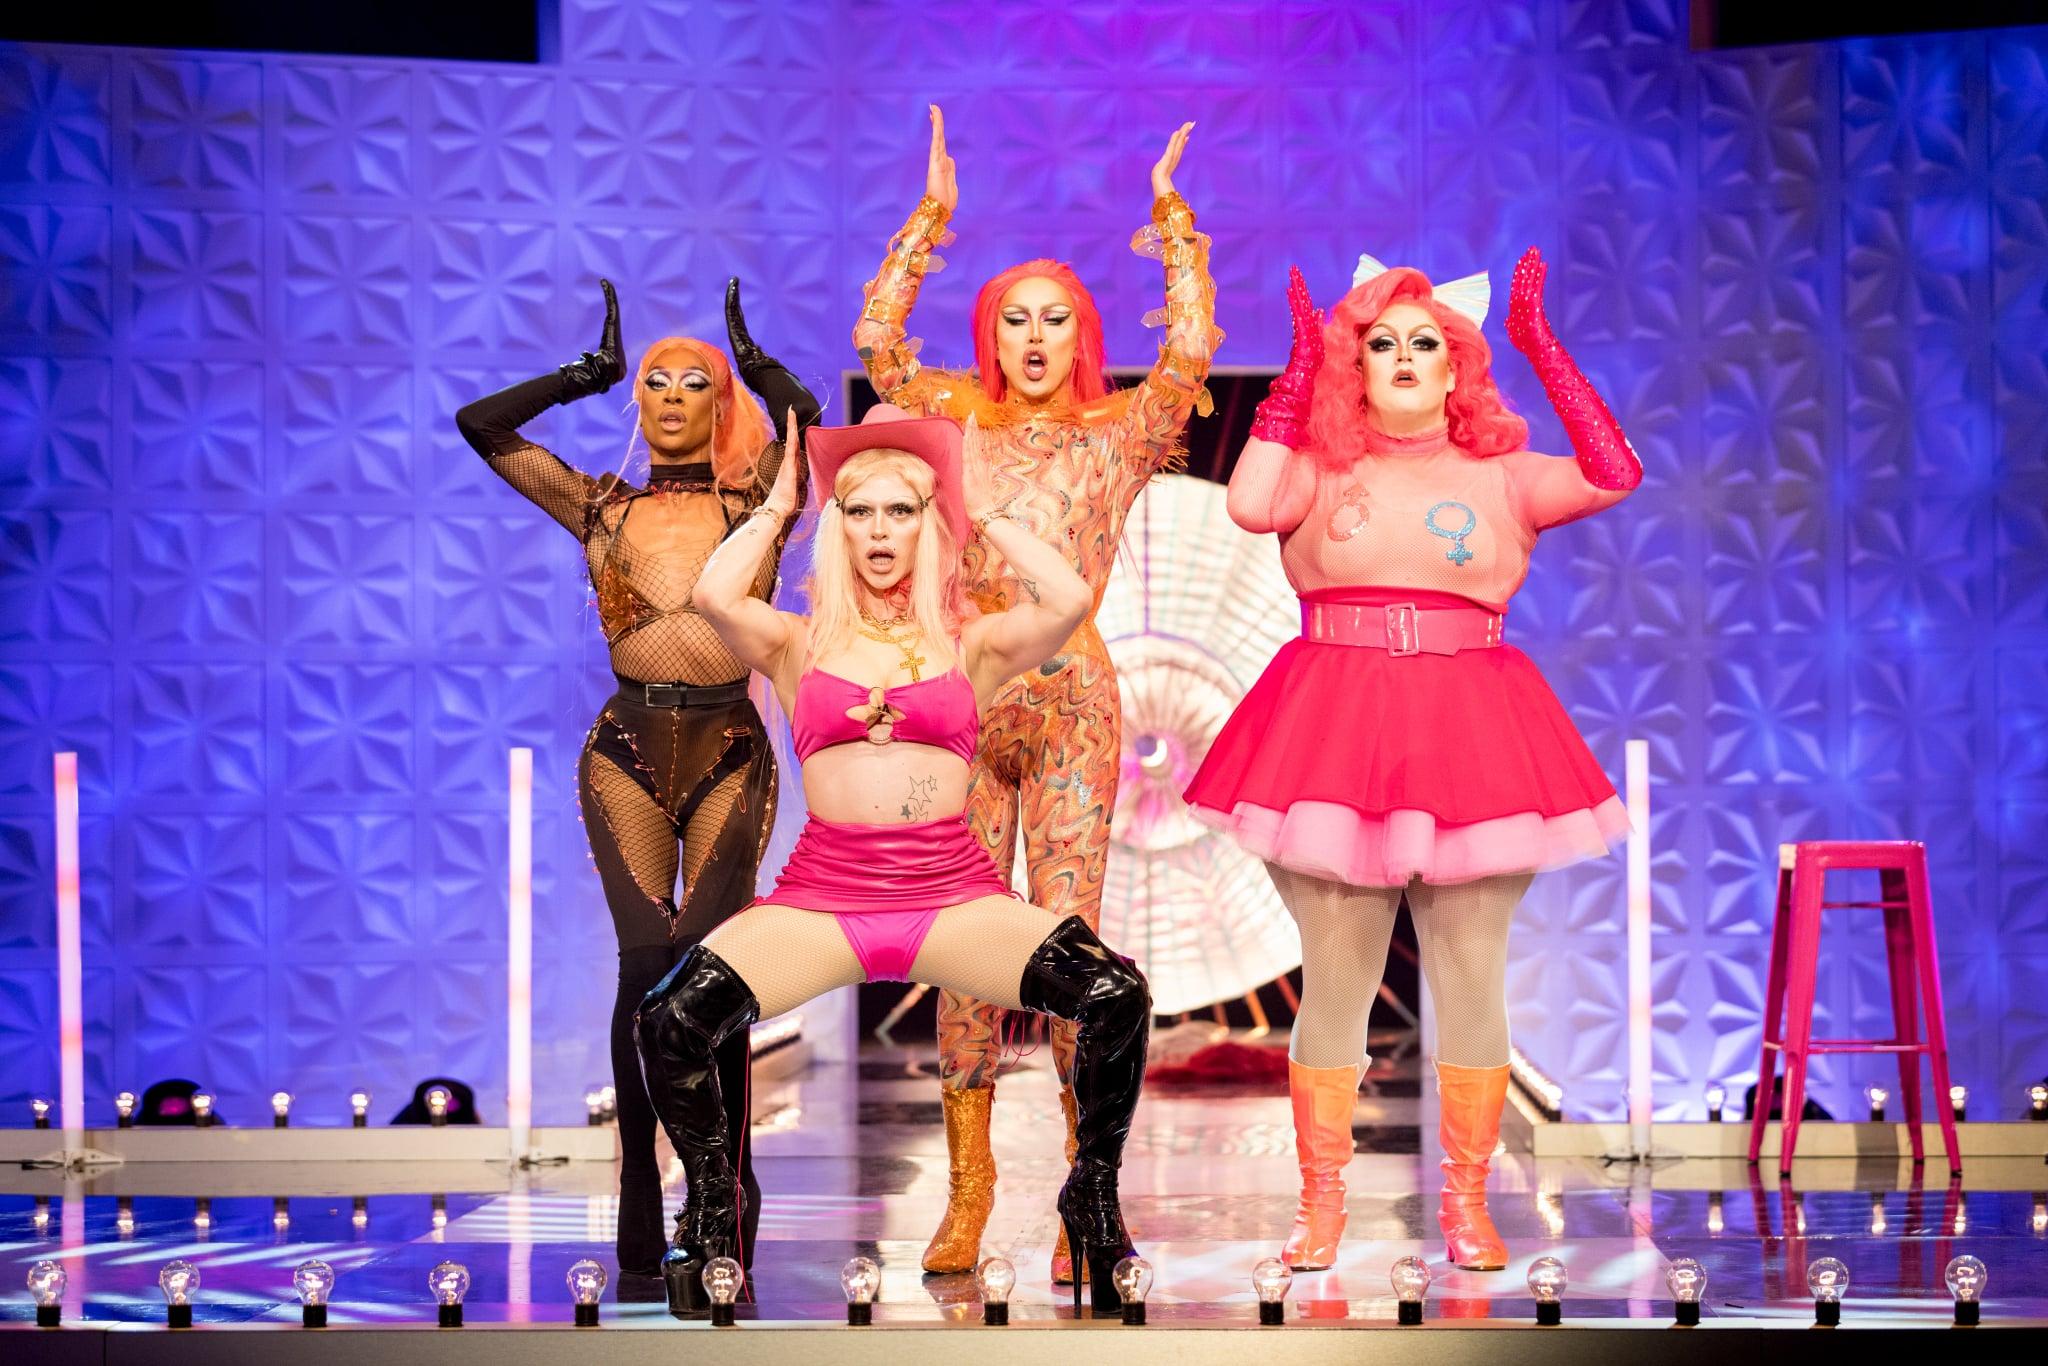 نام برنامه: RuPaul's Drag Race series UK 2 - TX: n / a - قسمت: RuPaul's Drag Race series UK 2 قسمت 5 (شماره 5) - نمایش های تصویری: Tayce، Bimini Bon Boulash، A'Whora، Lawrence Chaney - (C ) دنیای شگفتی - عکاس: گای لوی